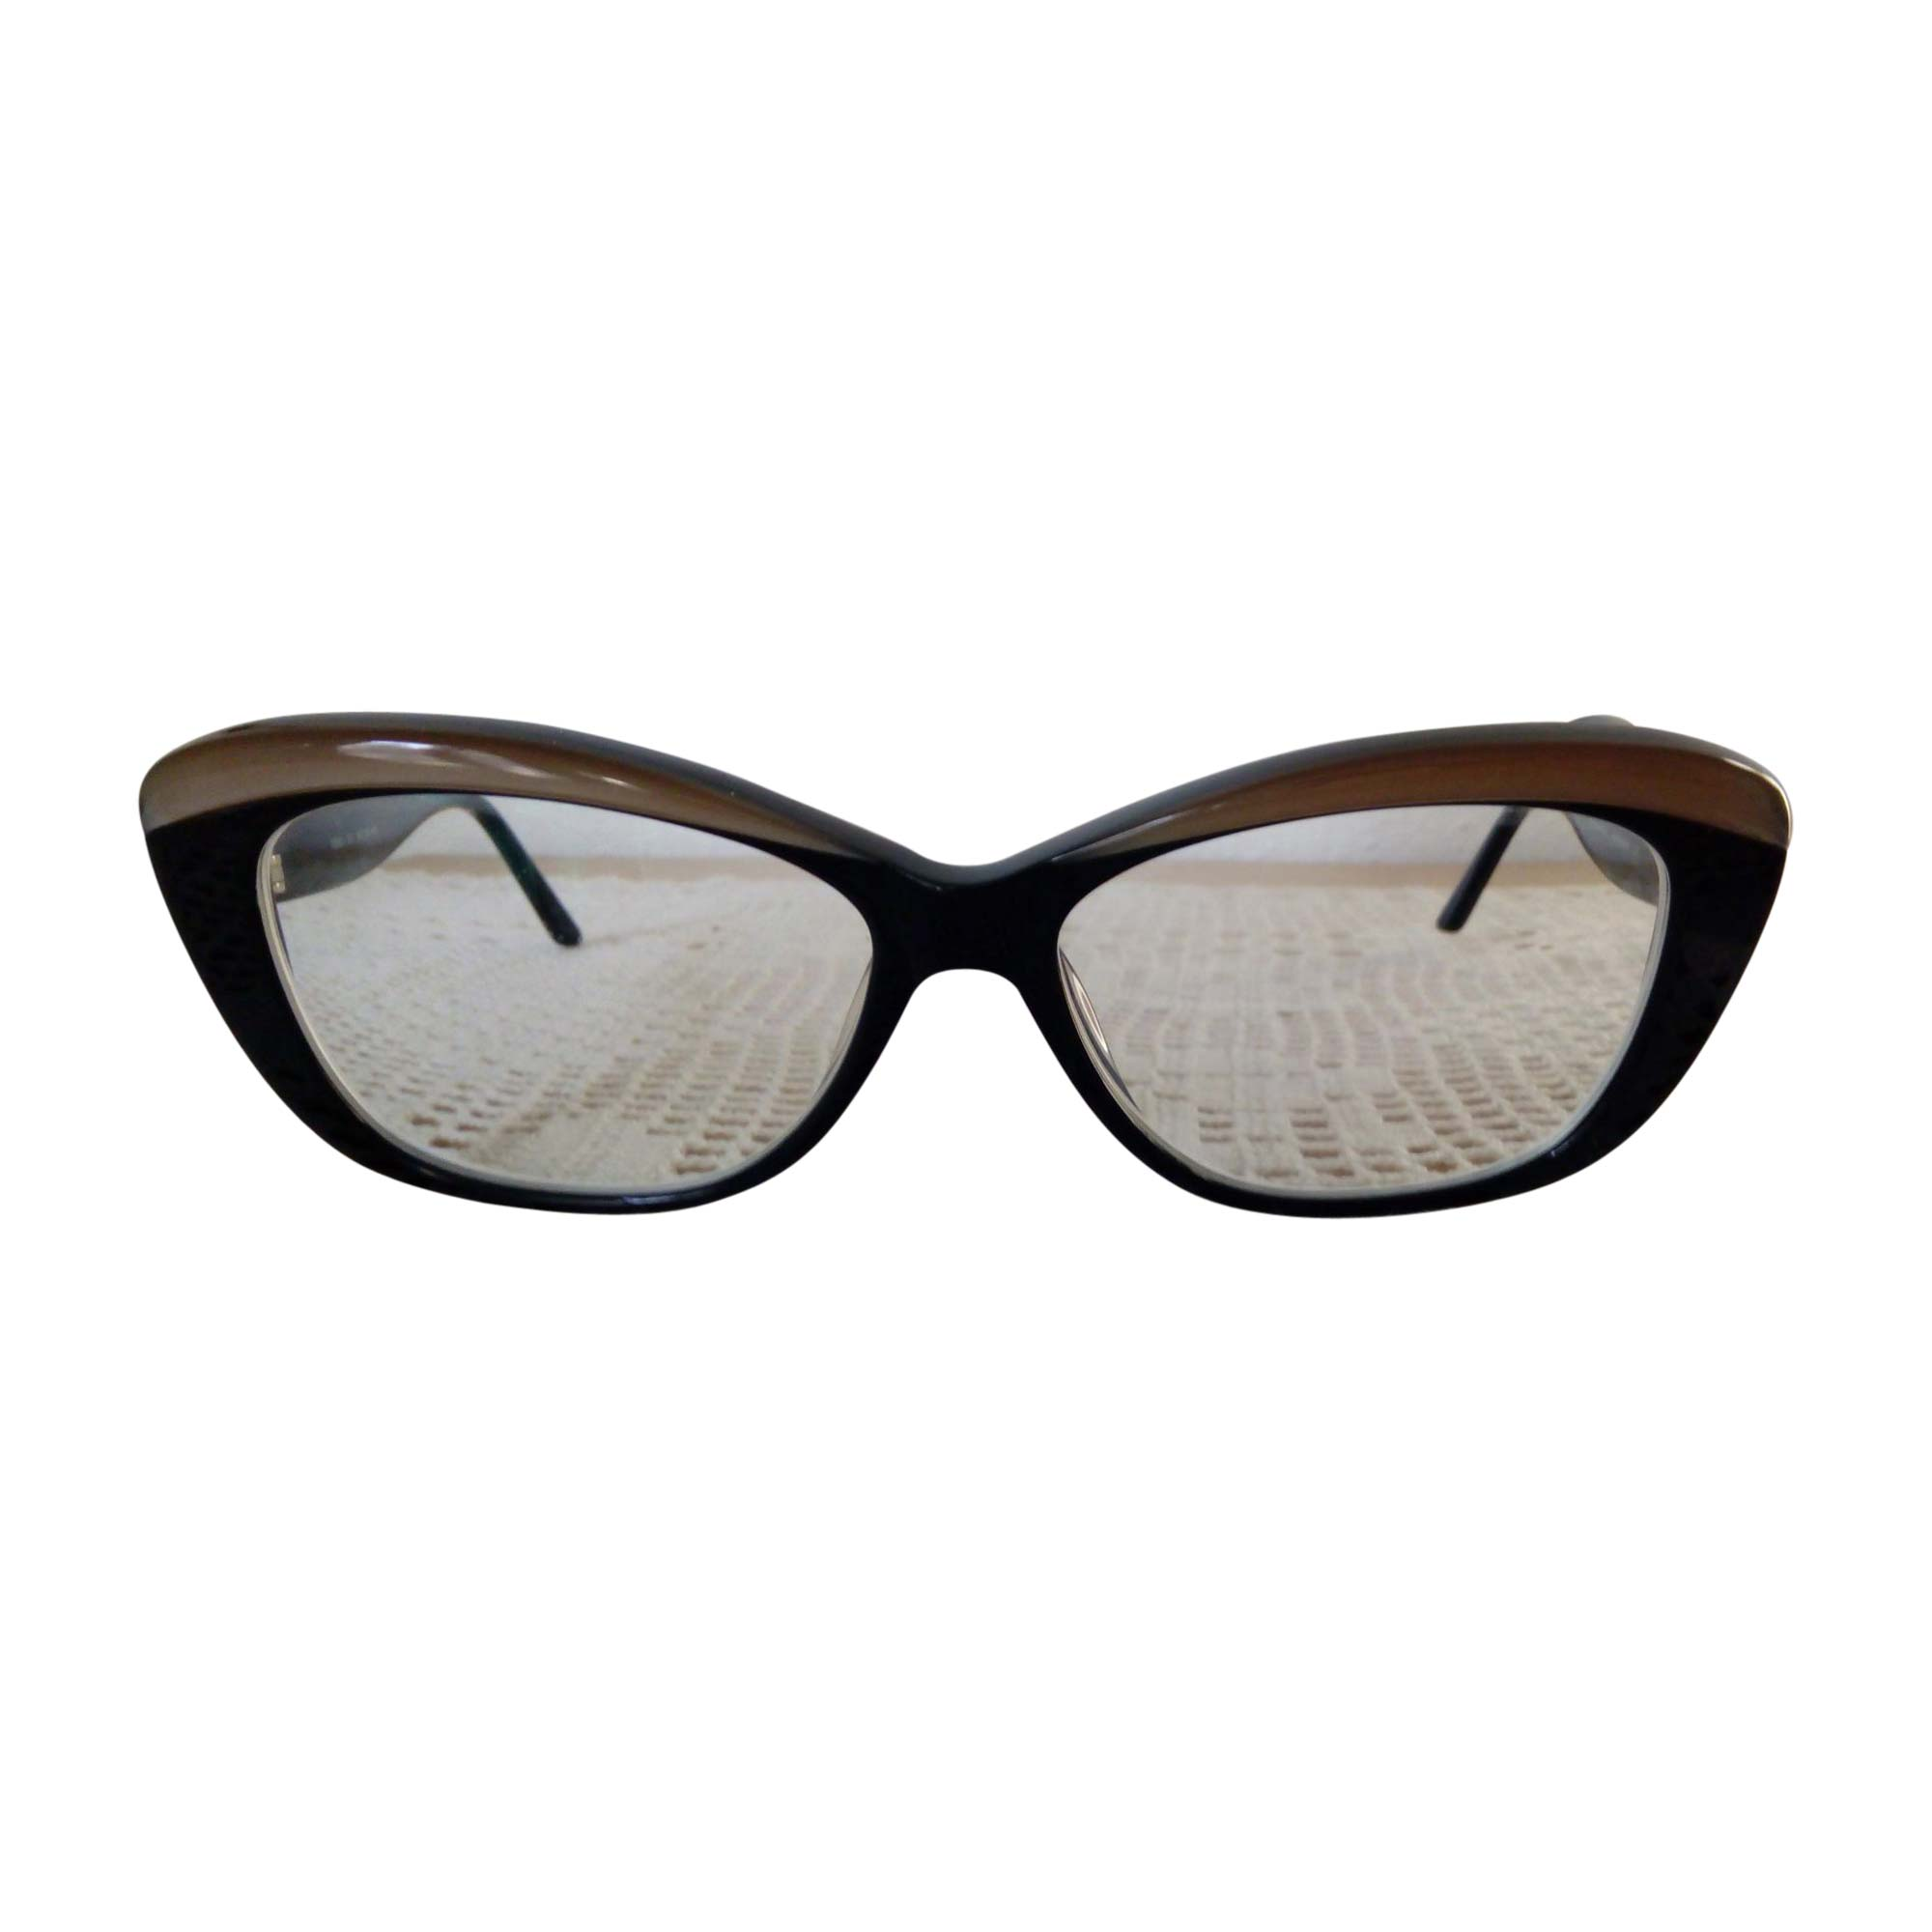 Monture de lunettes SONIA RYKIEL noir - 8302430 4c8a9670b843